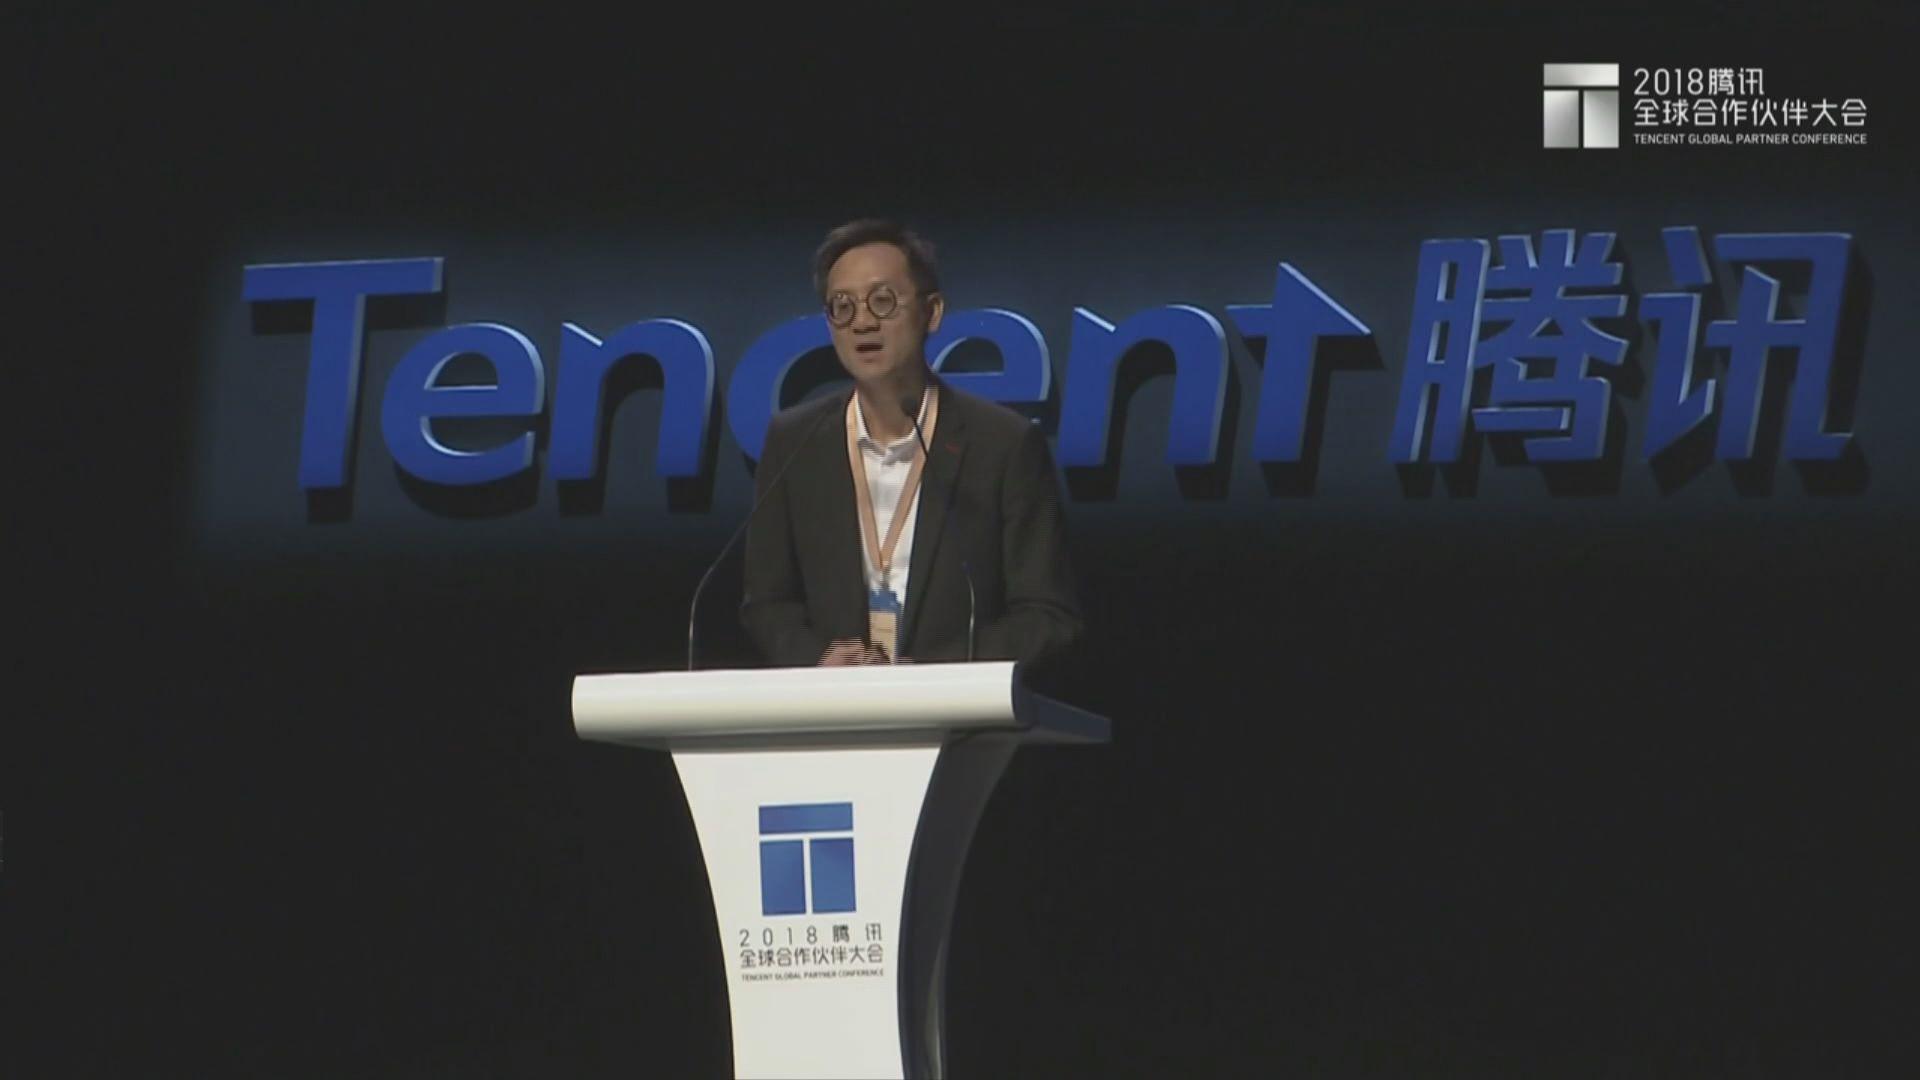 【大勢所趨】騰訊:將加大產業互聯網投入